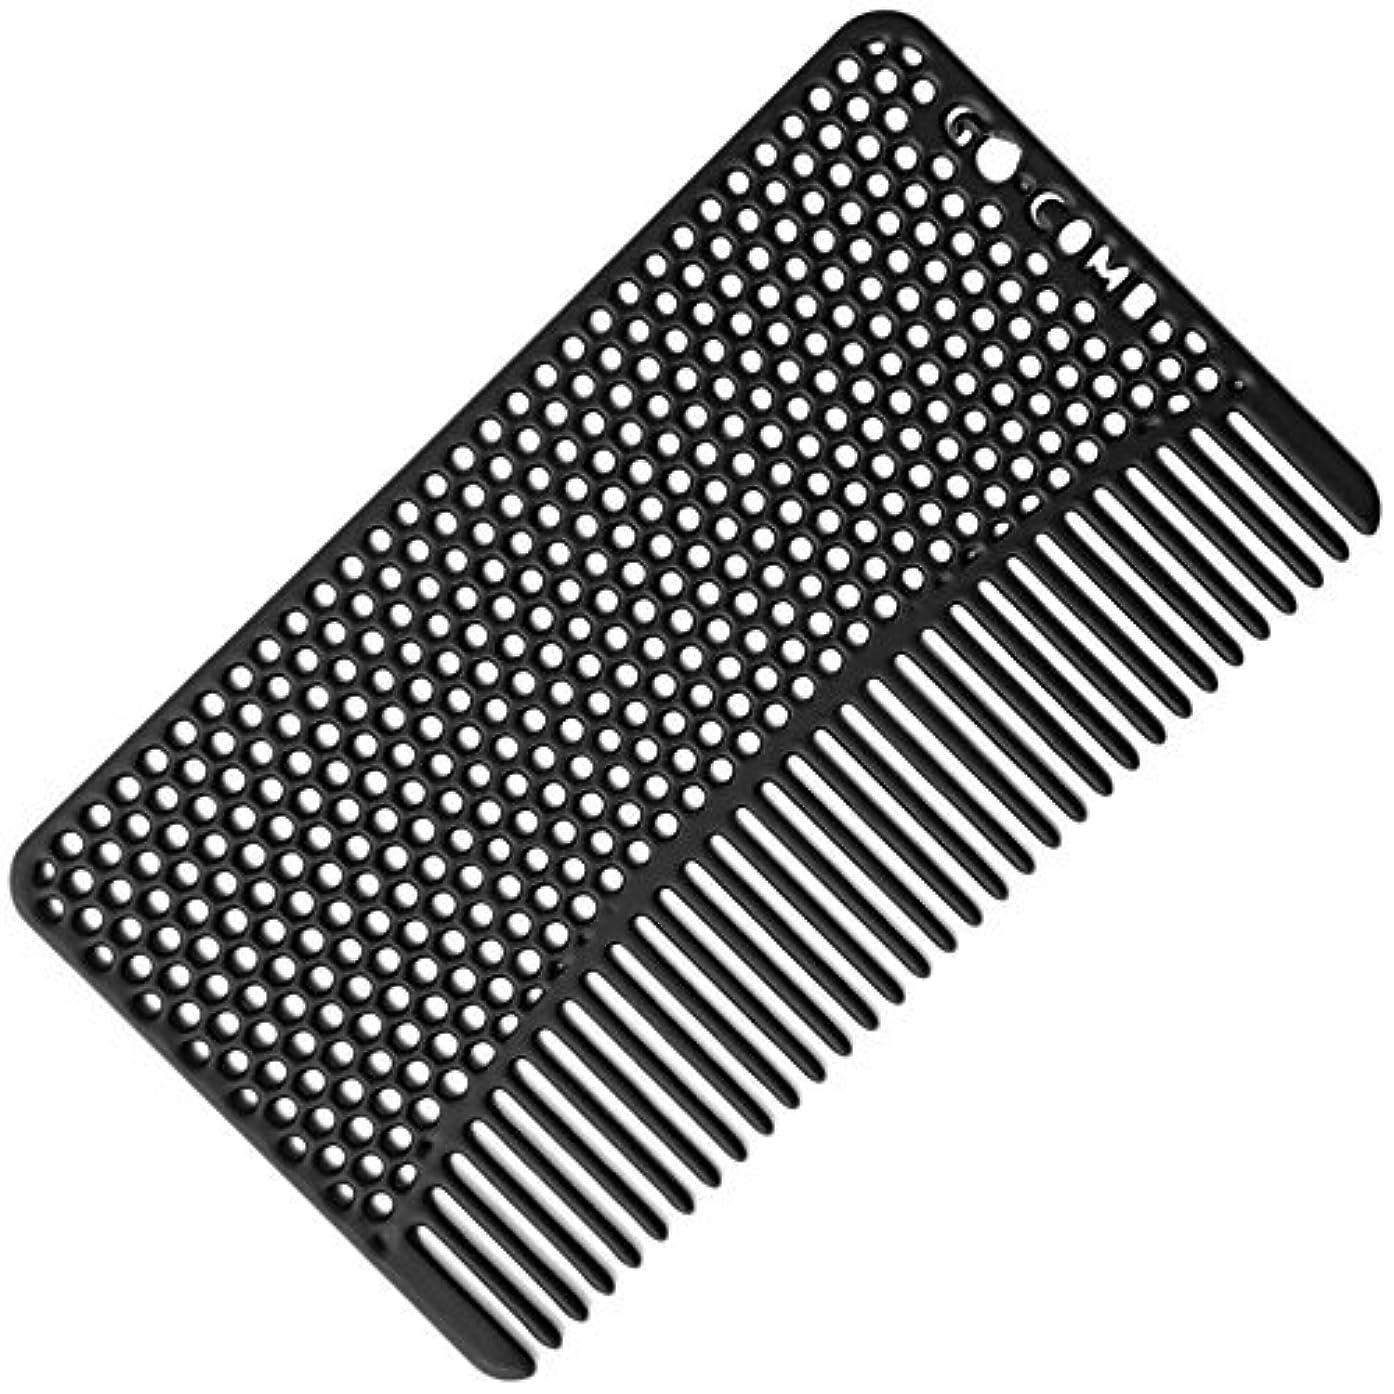 踊り子容量司教Go-Comb - Wallet Comb - Sleek, Durable Stainless Steel Hair and Beard Comb - Black [並行輸入品]